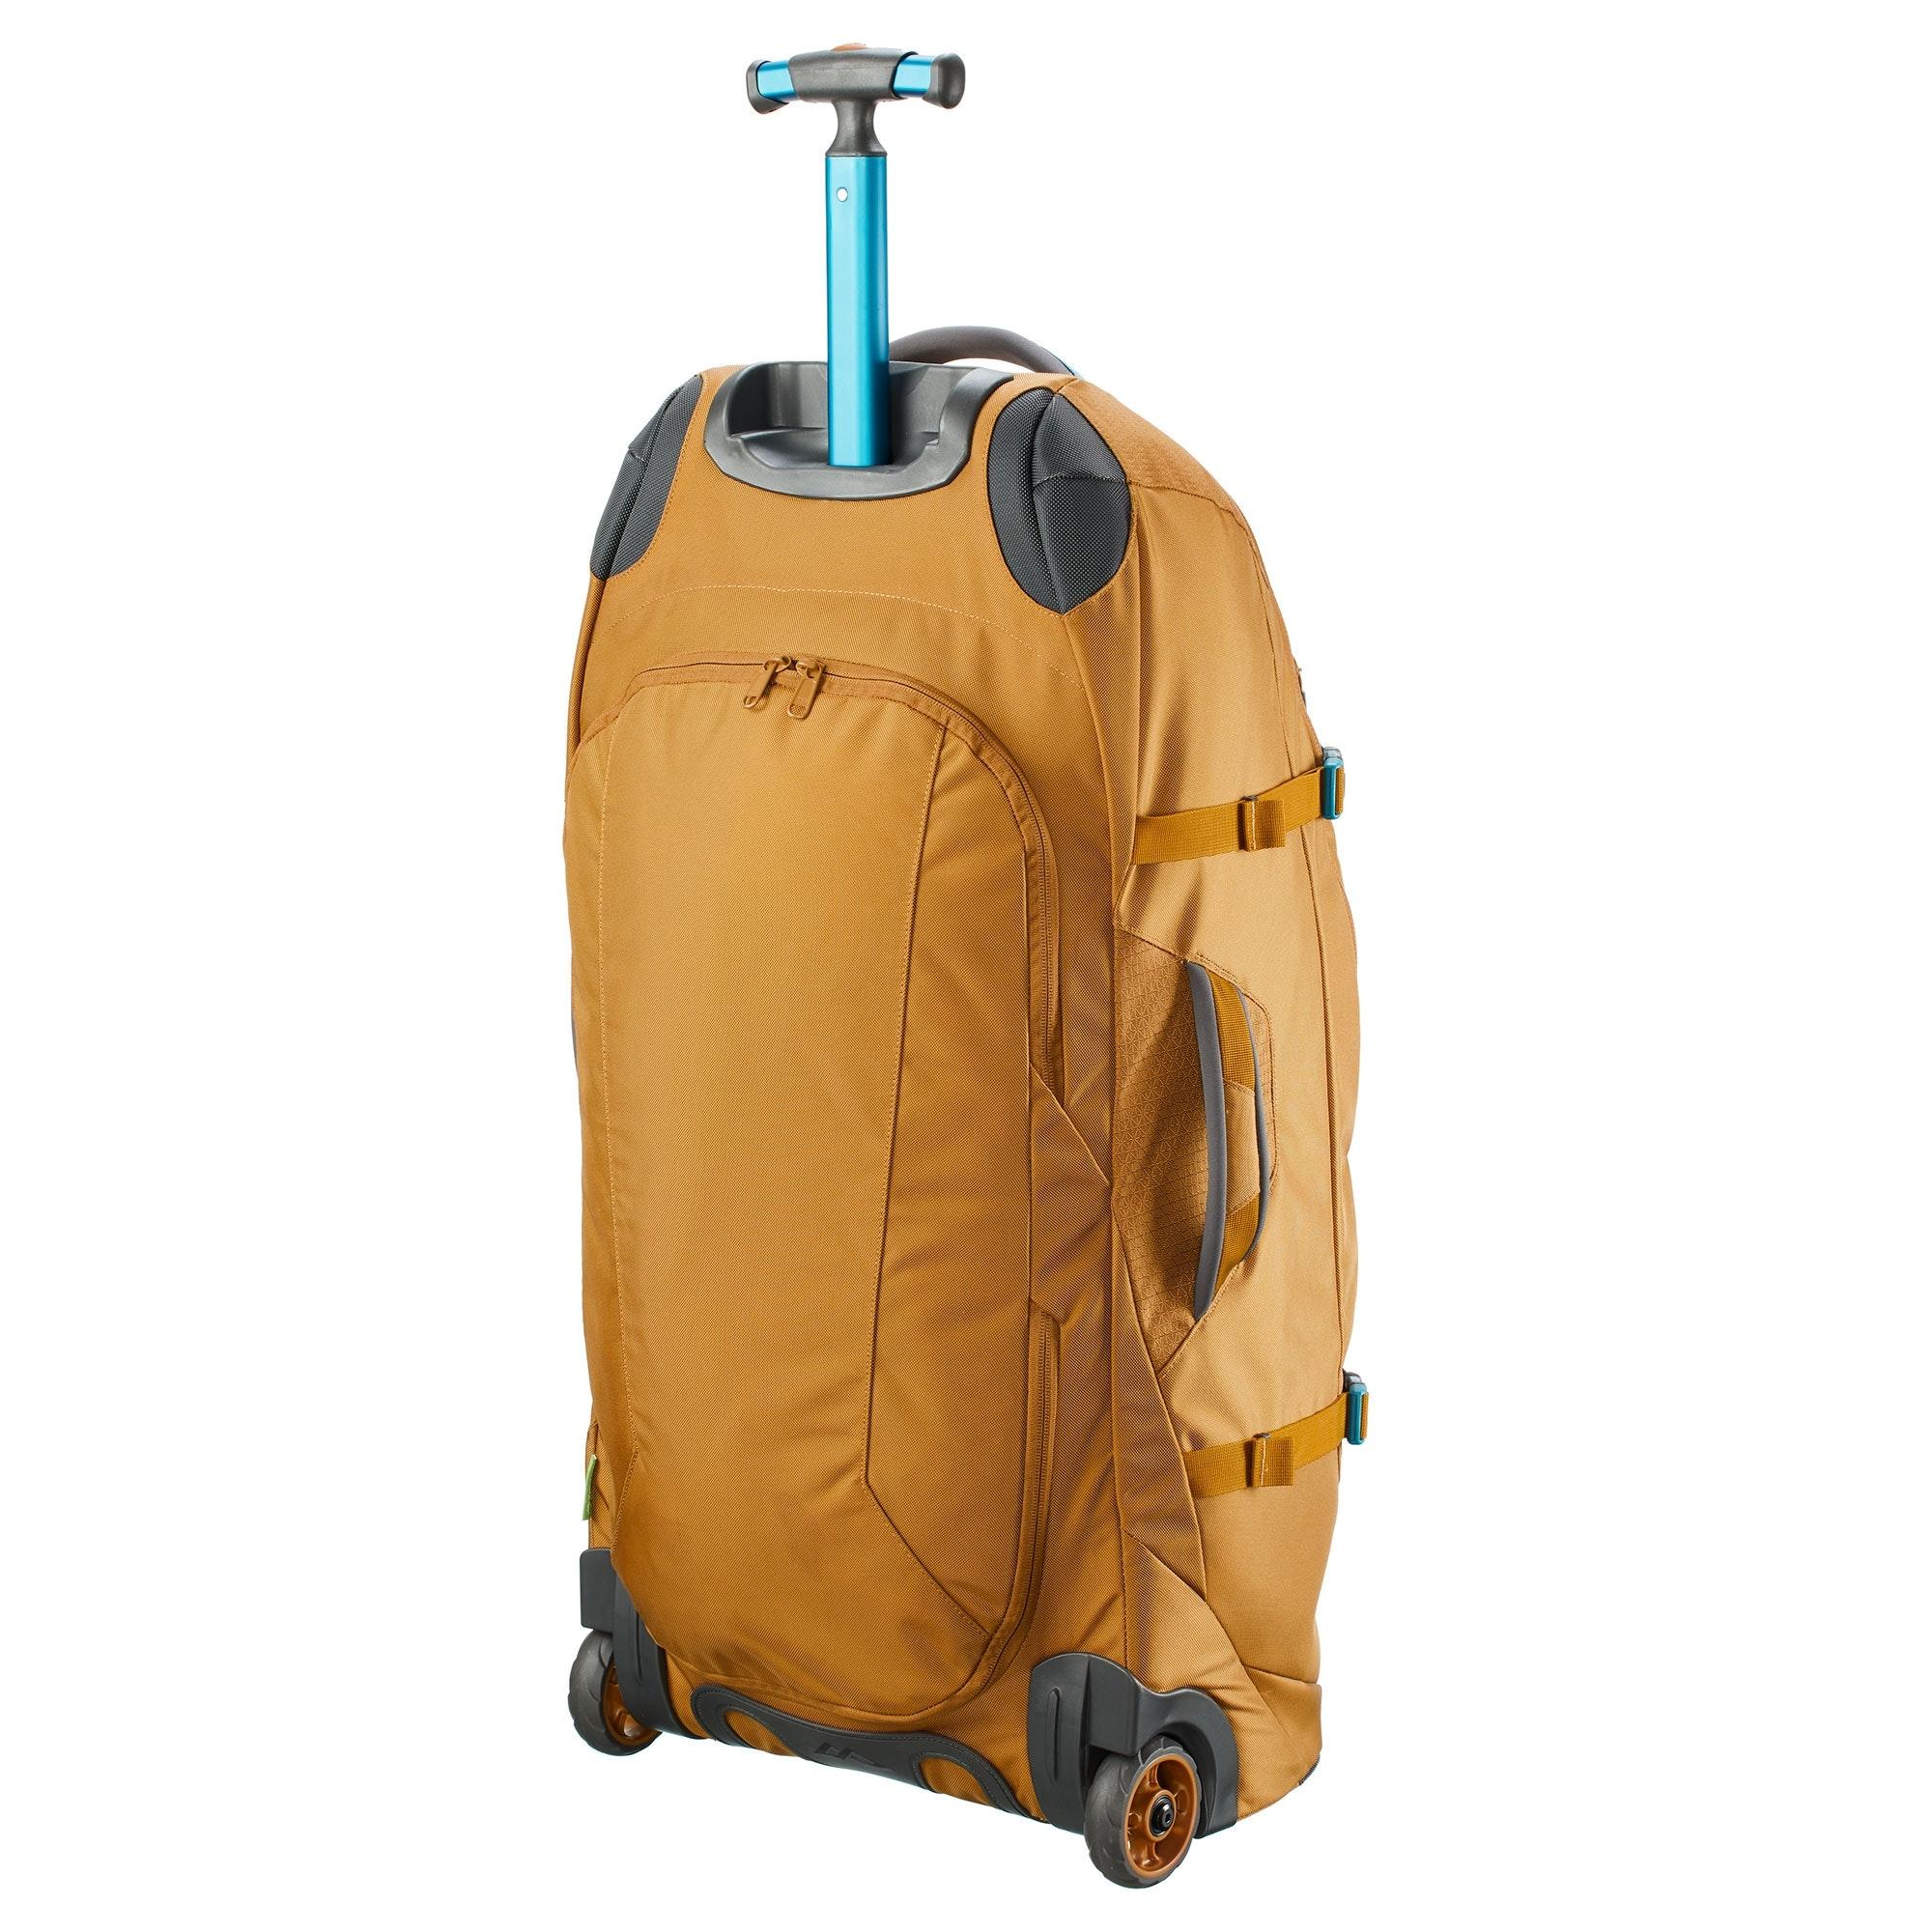 ee2f7b4eb Hybrid 50l Backpack Harness Wheeled Luggage Trolley V3- Fenix ...